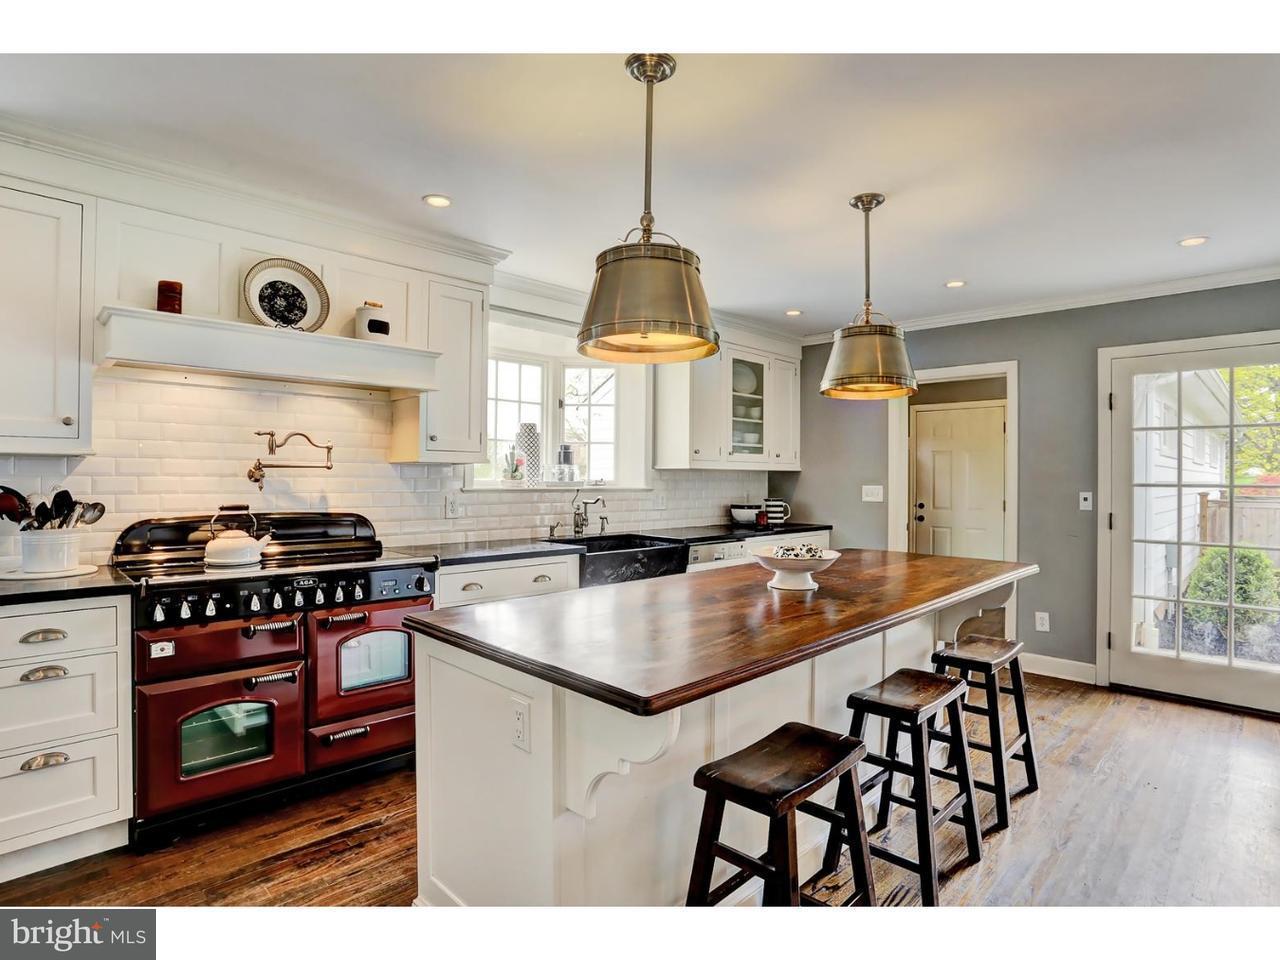 Частный односемейный дом для того Продажа на 697 GEORGETOWN FRANKLIN TPKE Skillman, Нью-Джерси 08558 Соединенные ШтатыВ/Около: Montgomery Township